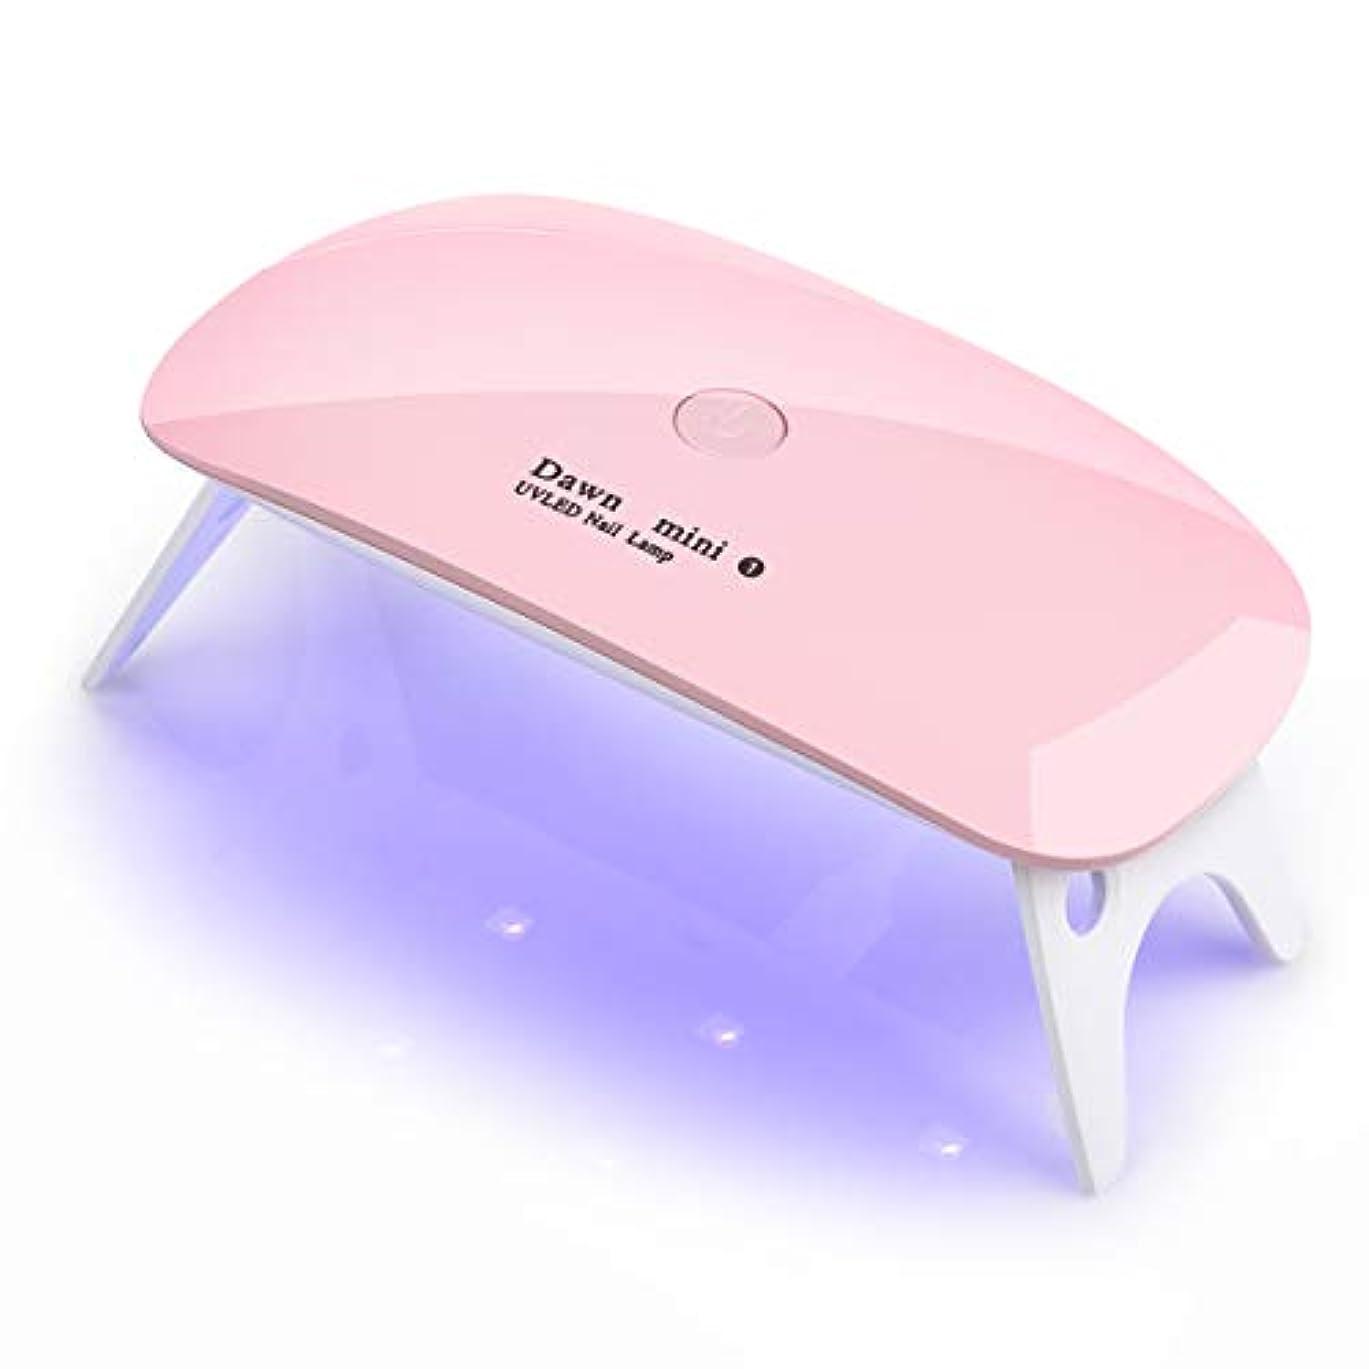 だらしない相談不平を言うLEDネイルドライヤー UVライト Foloda タイマー設定可能 折りたたみ式手足とも使える 人感センサー式 LED 硬化ライト UV と LEDダブルライト ジェルネイル用 ホワイト (ピンク)